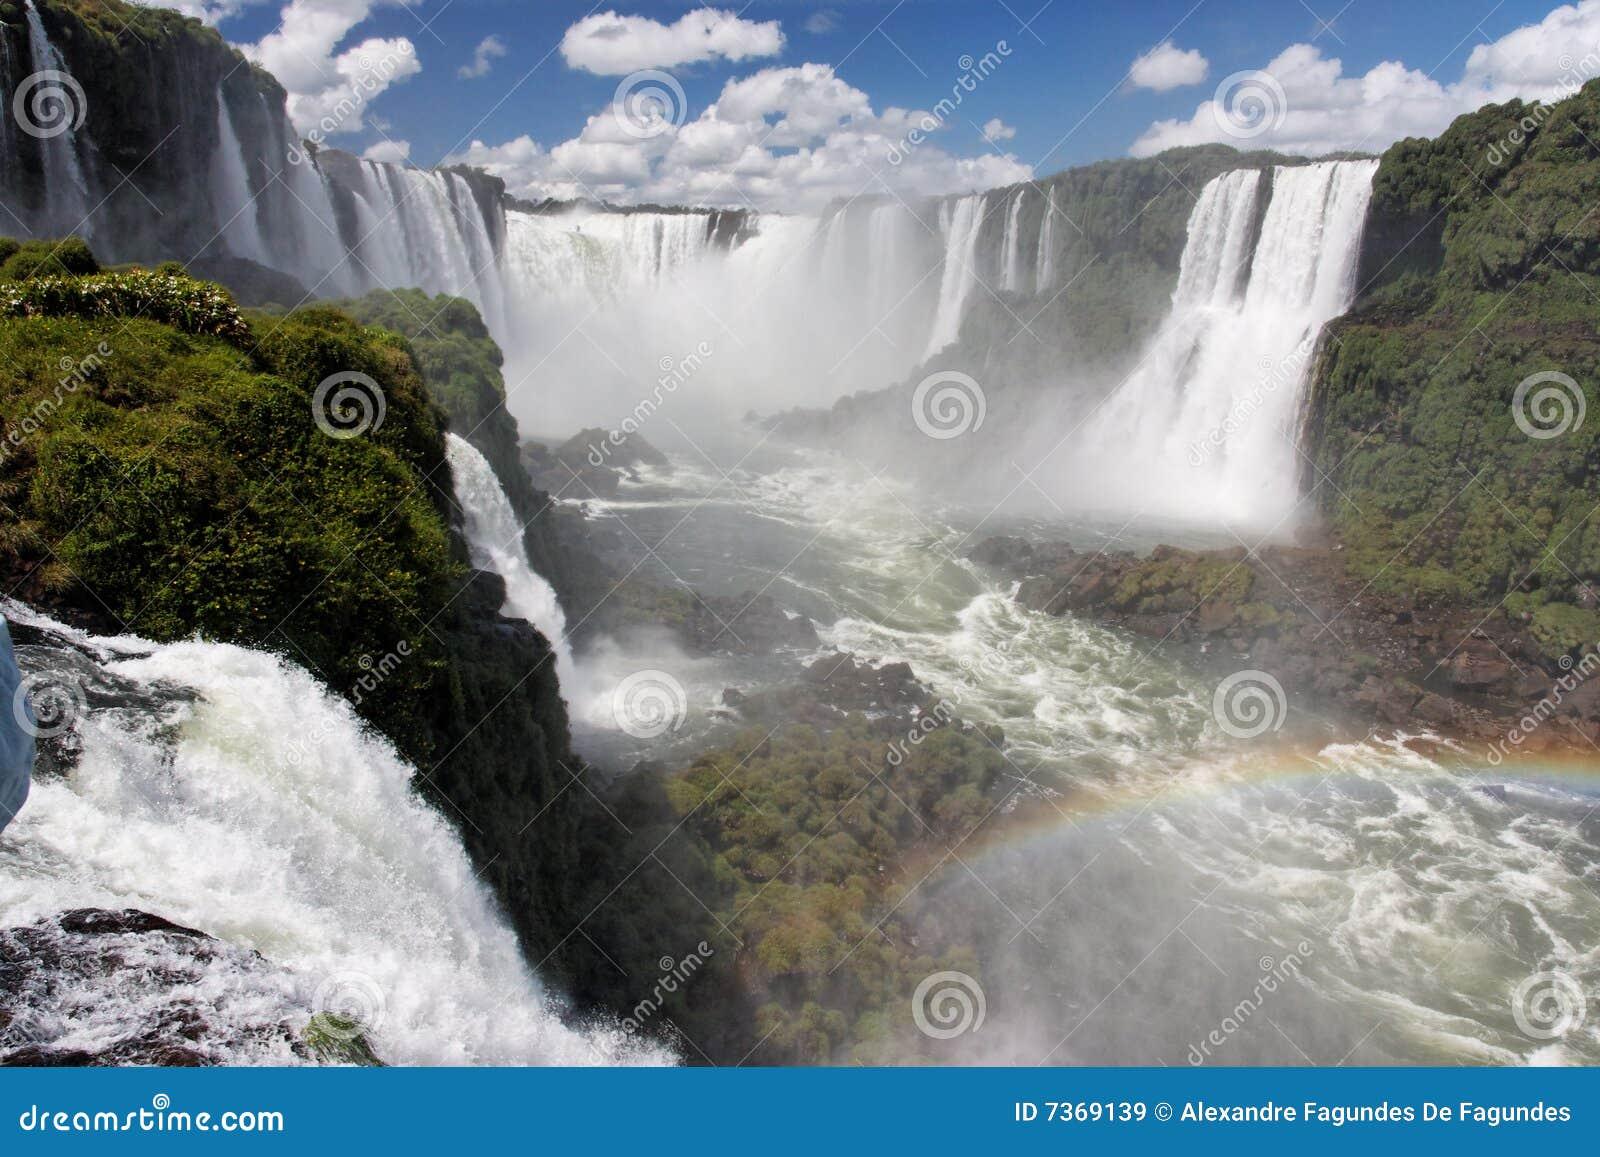 Foz hace las caídas de Iguassu